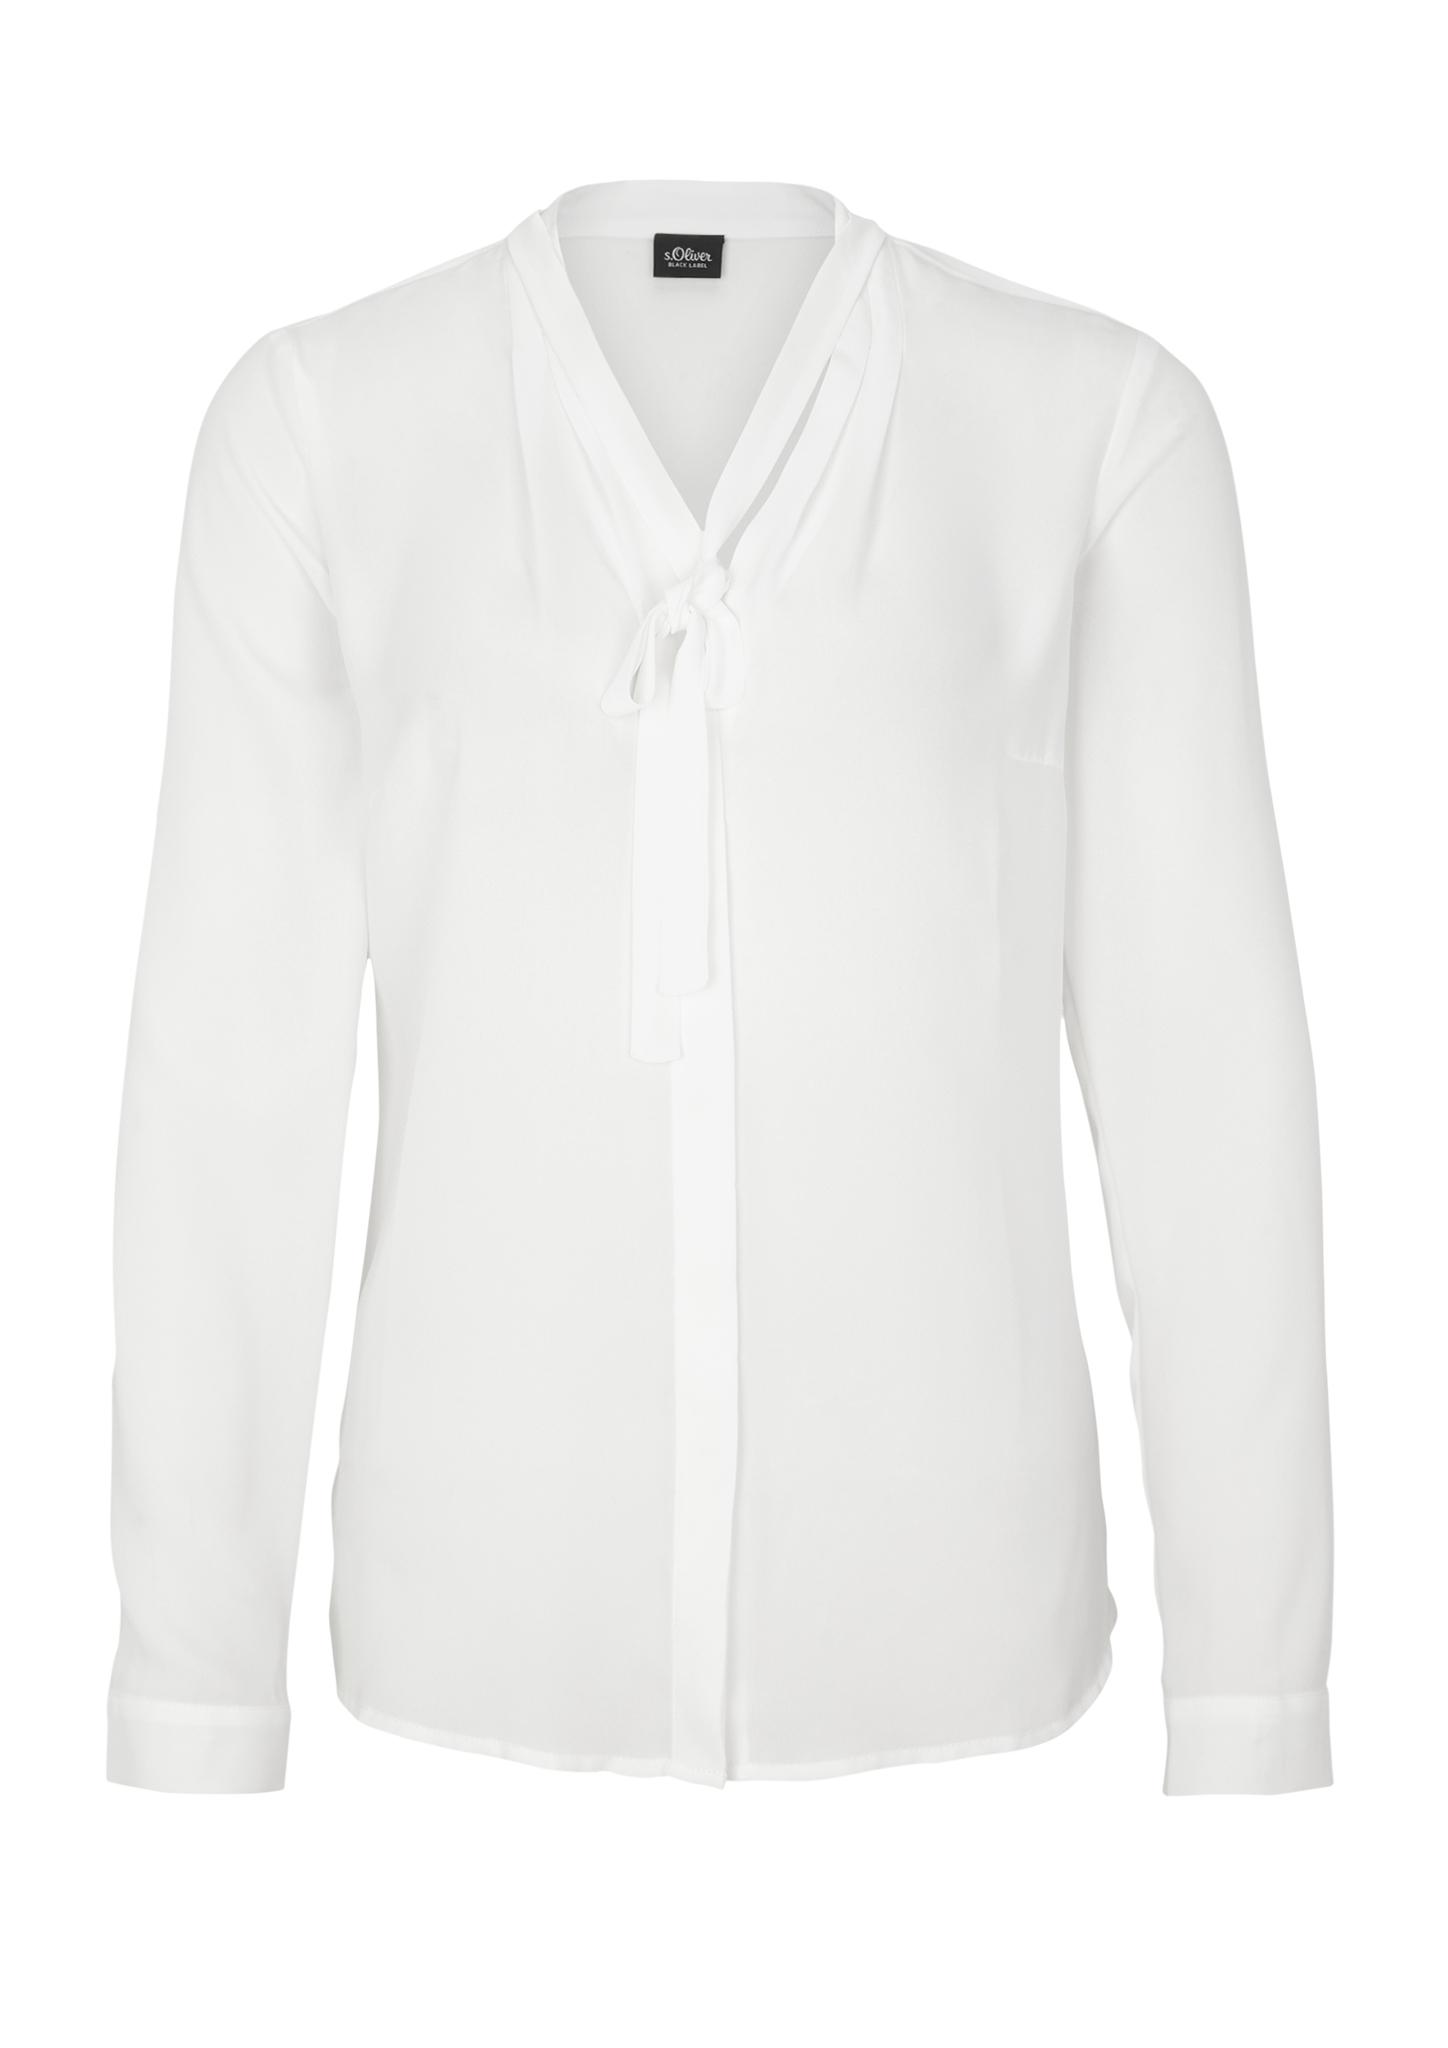 Schluppenbluse | Bekleidung > Blusen > Schluppenblusen | Weiß | 100% polyester | s.Oliver BLACK LABEL